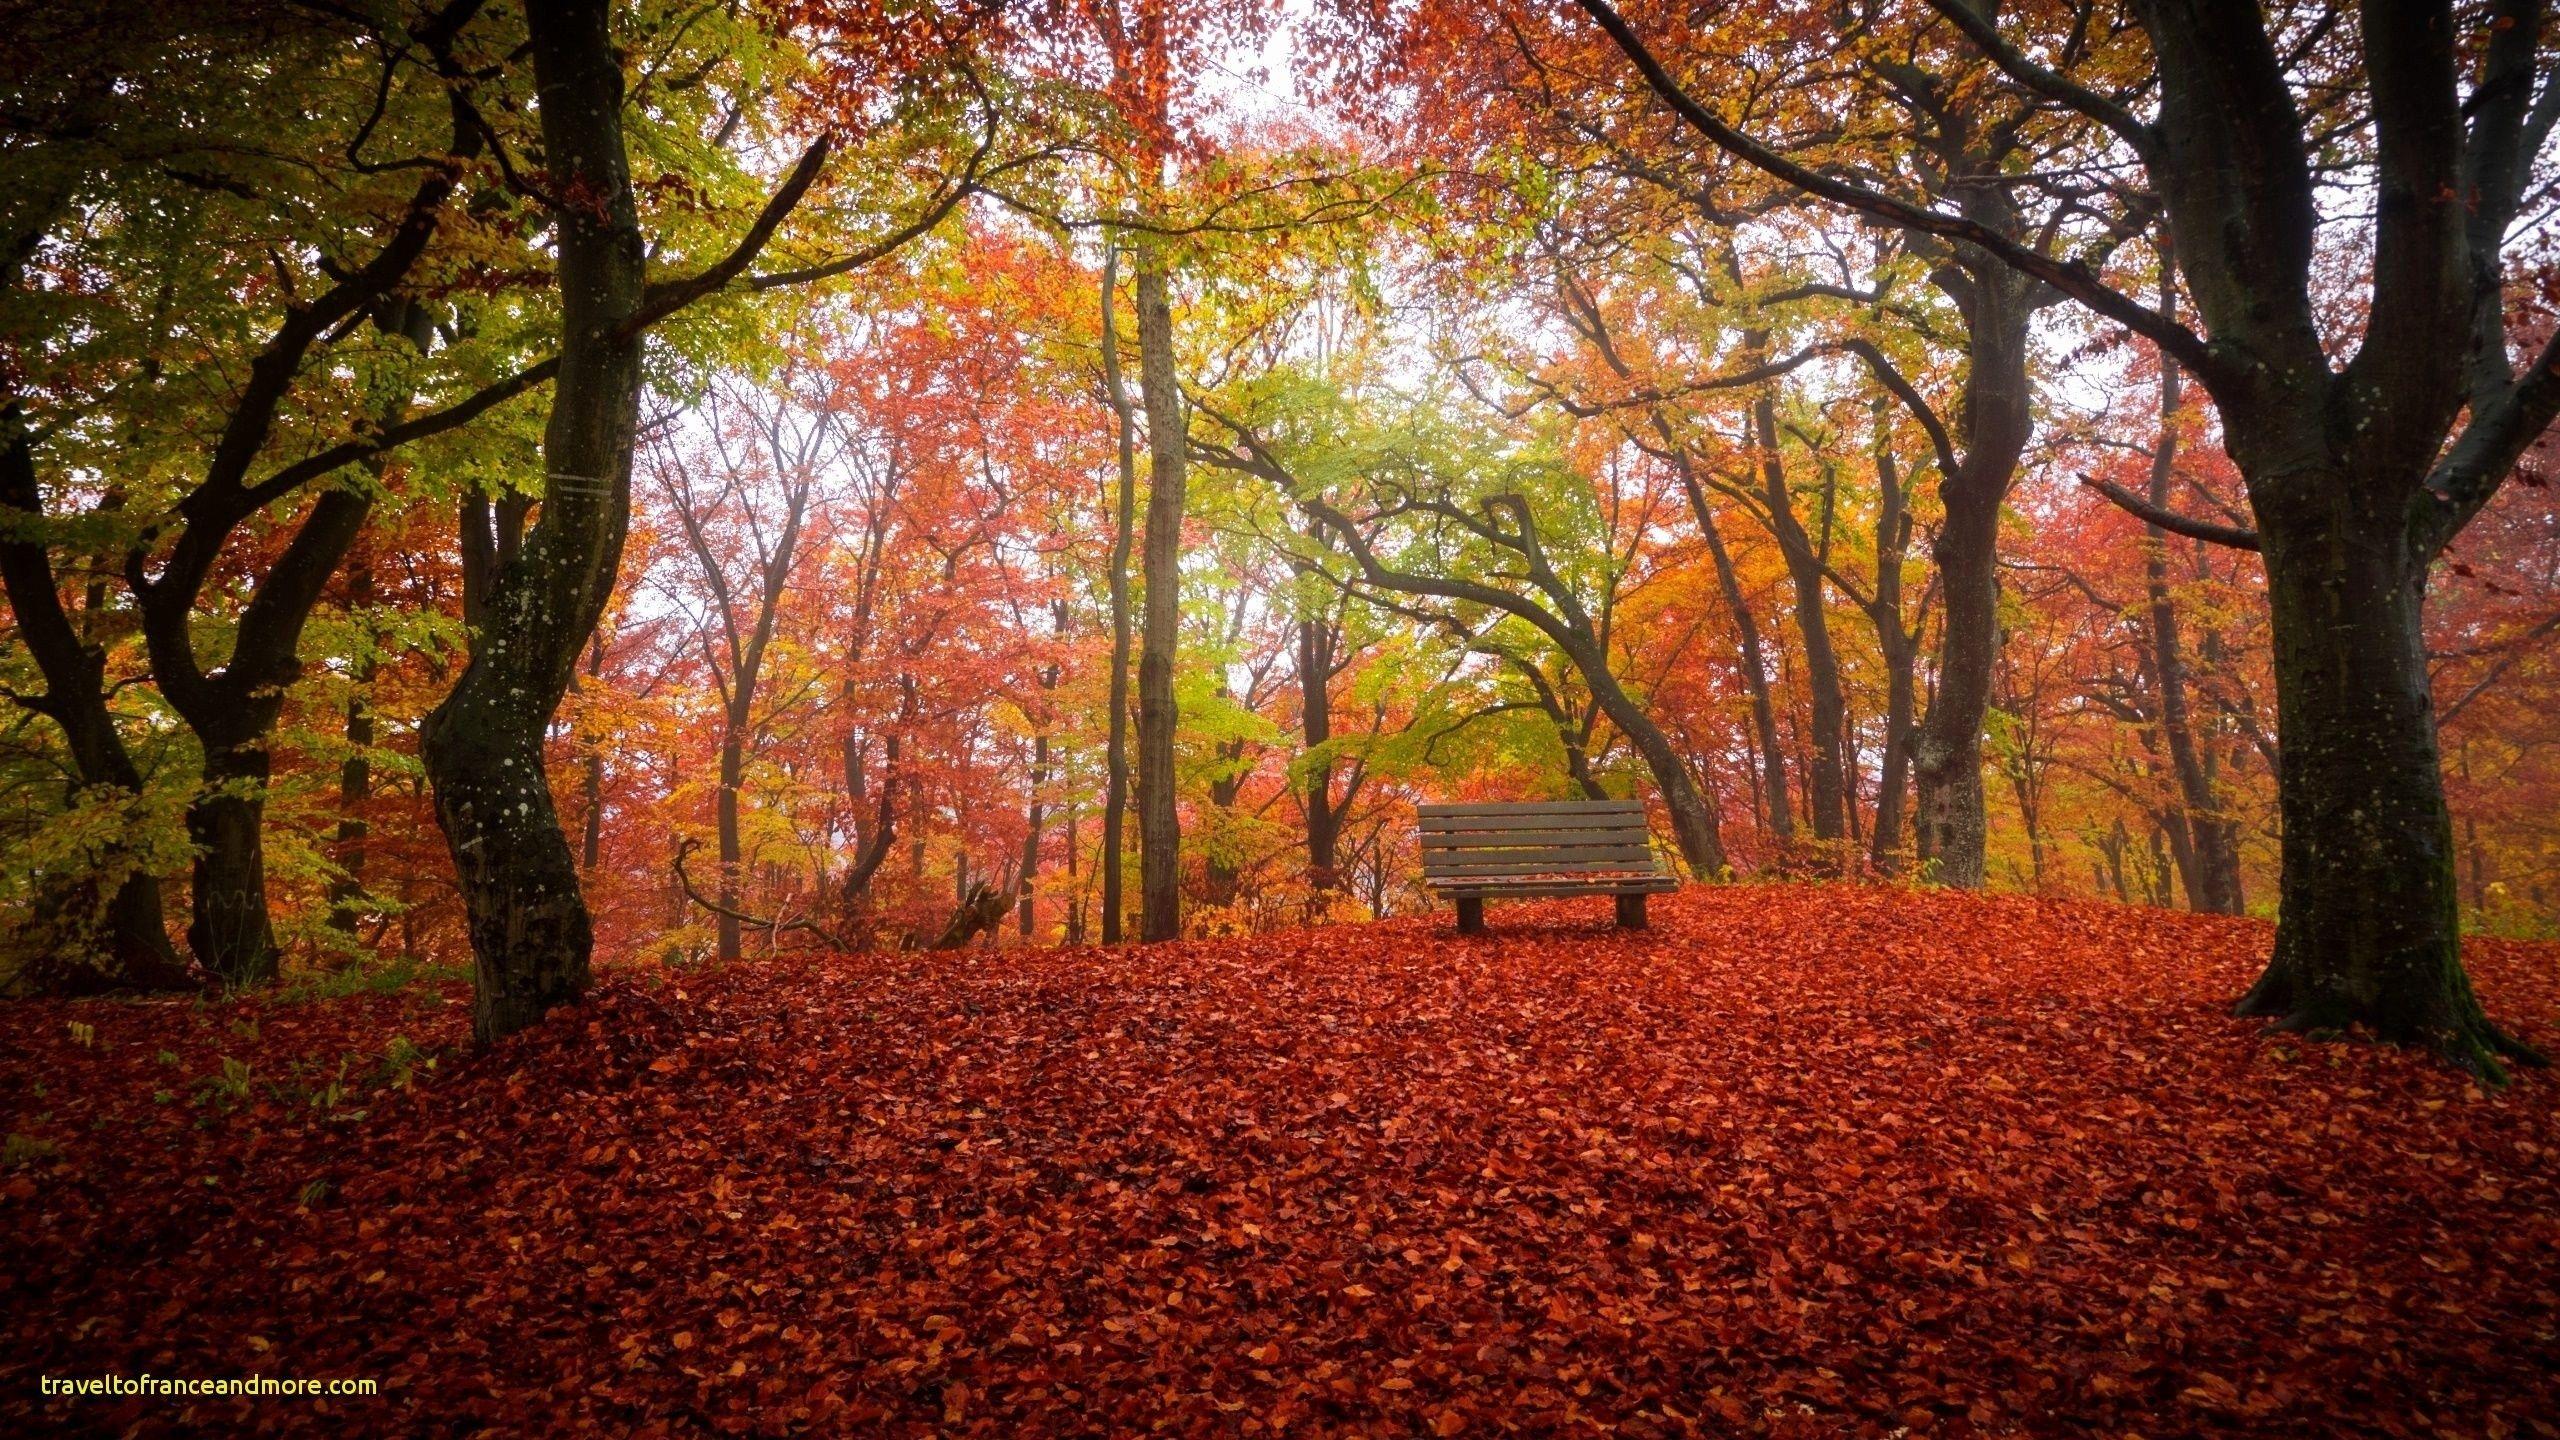 Best Of Free Autumn Desktop Wallpaper Downloads Latar Belakang Latar Belakang Animasi Musim Gugur